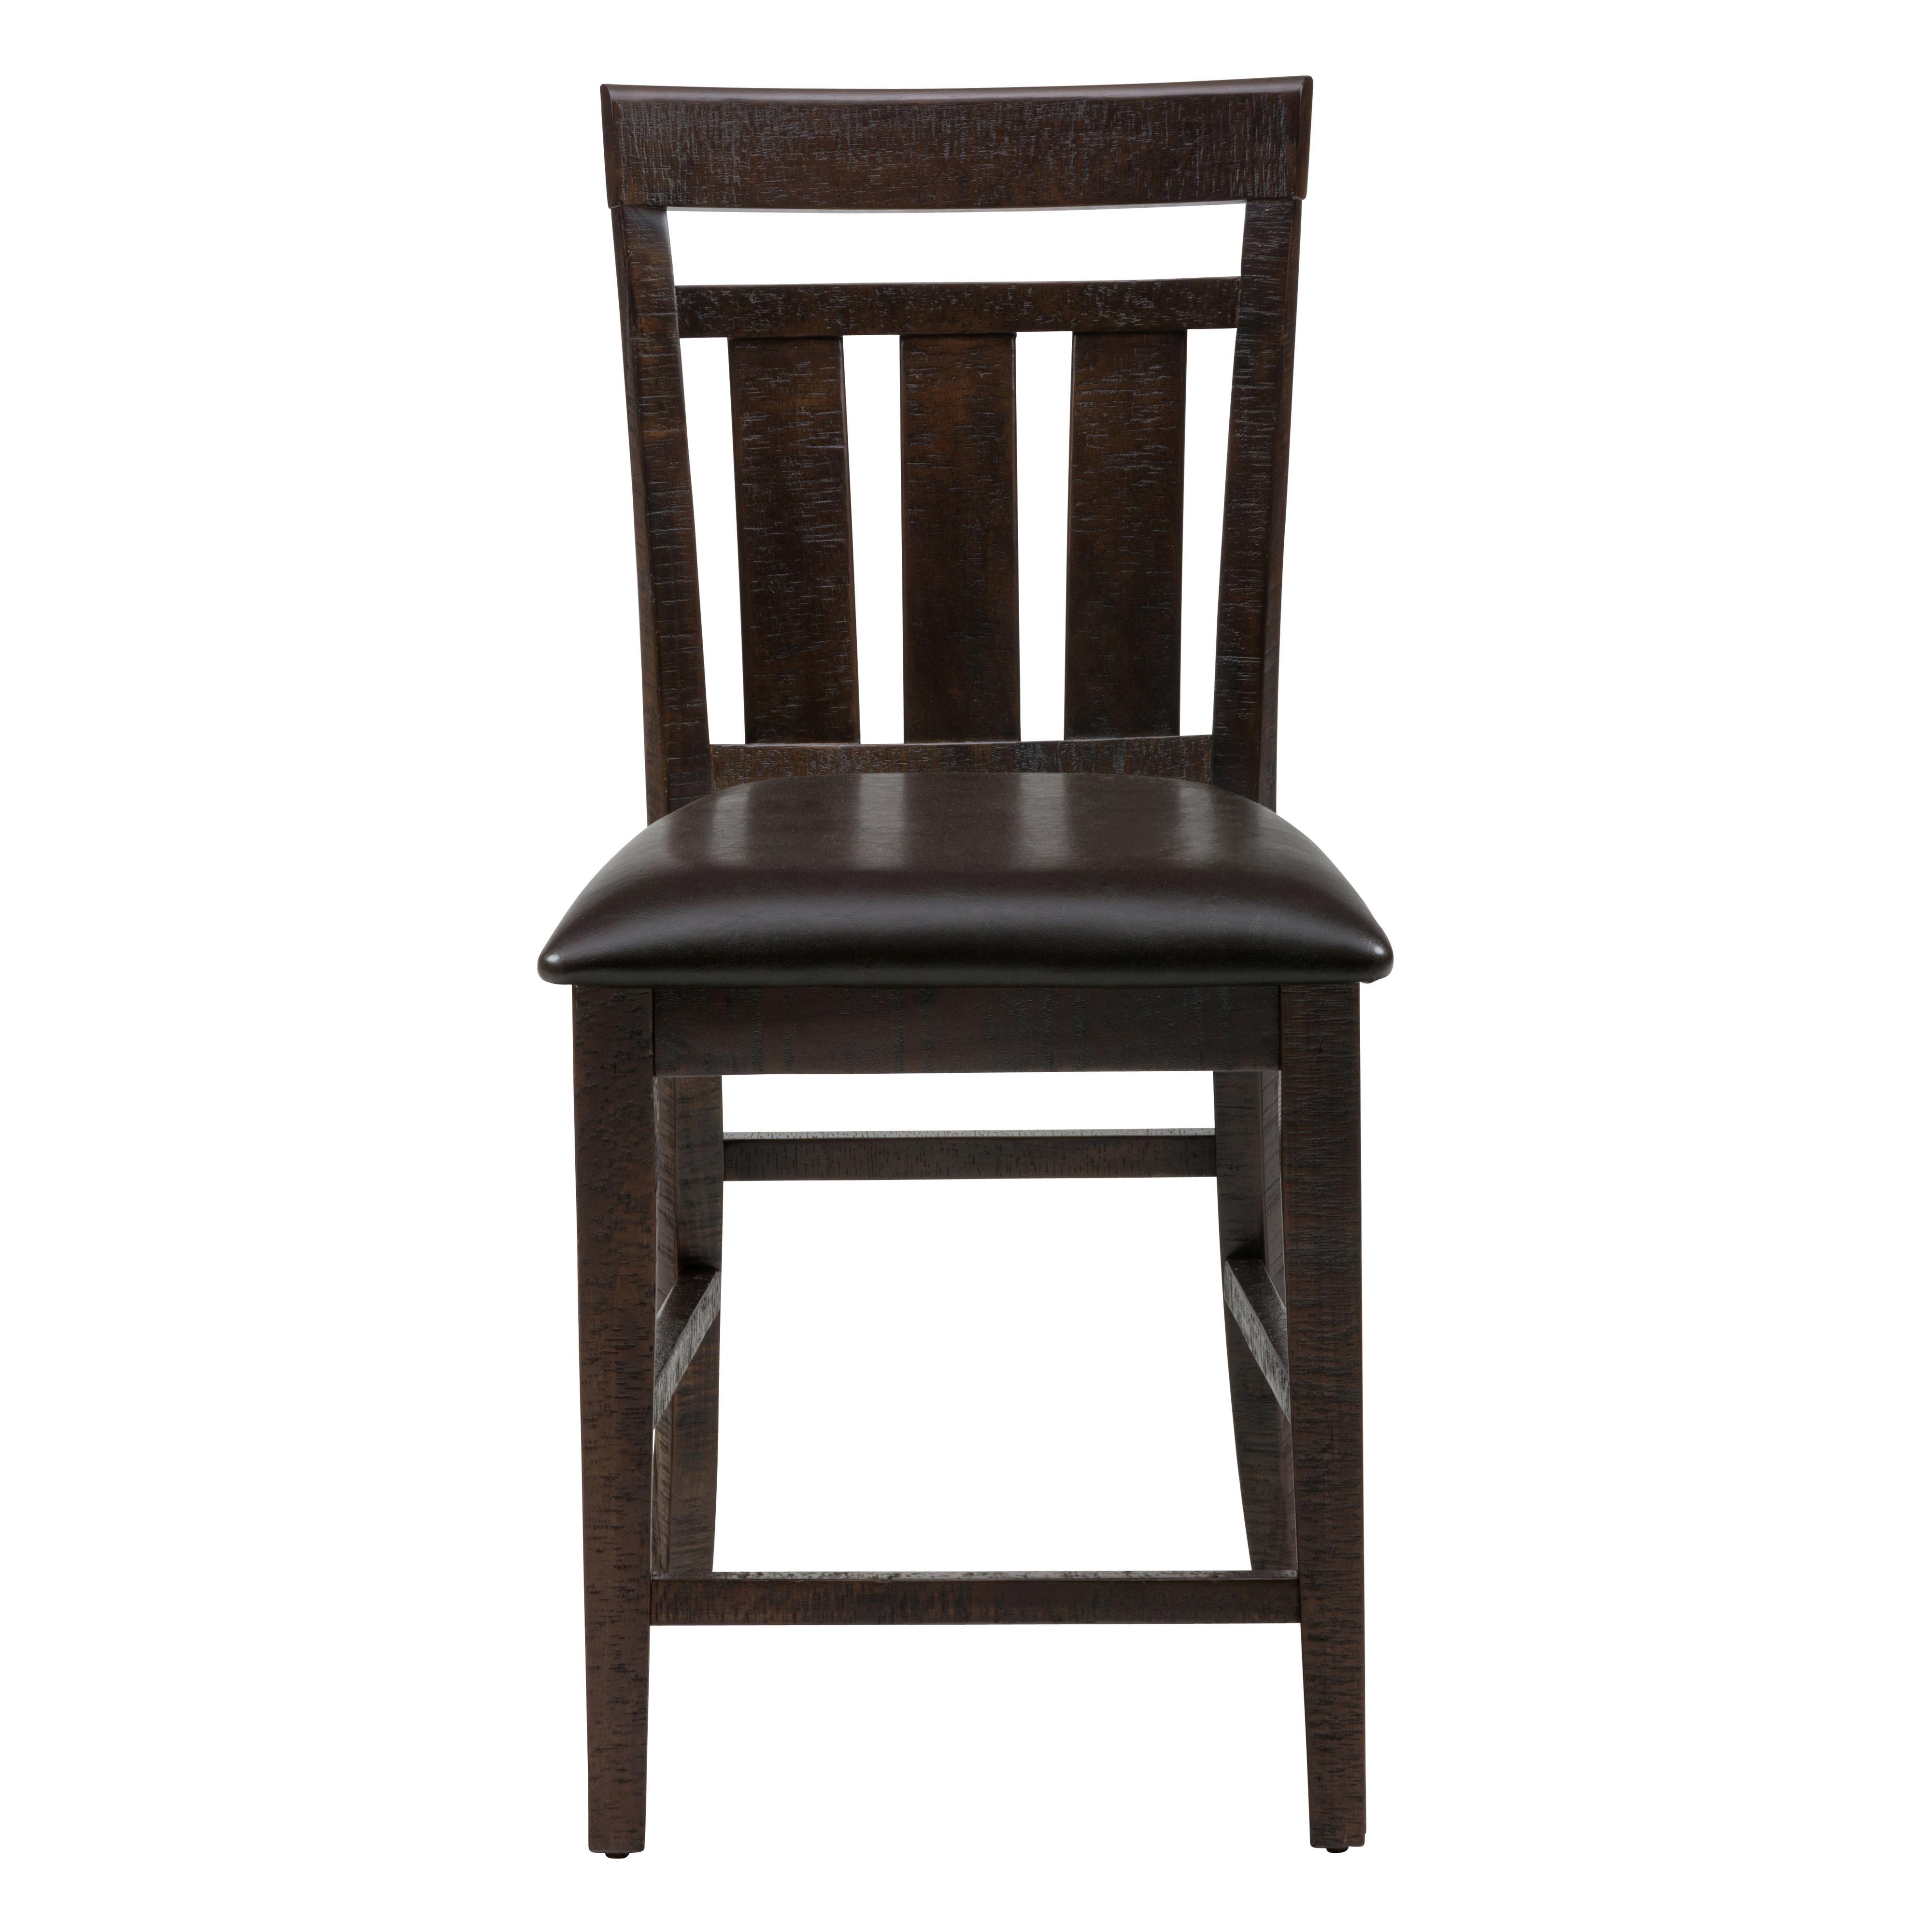 Kodak upholstered slat back stool morris home bar stools for Morris home